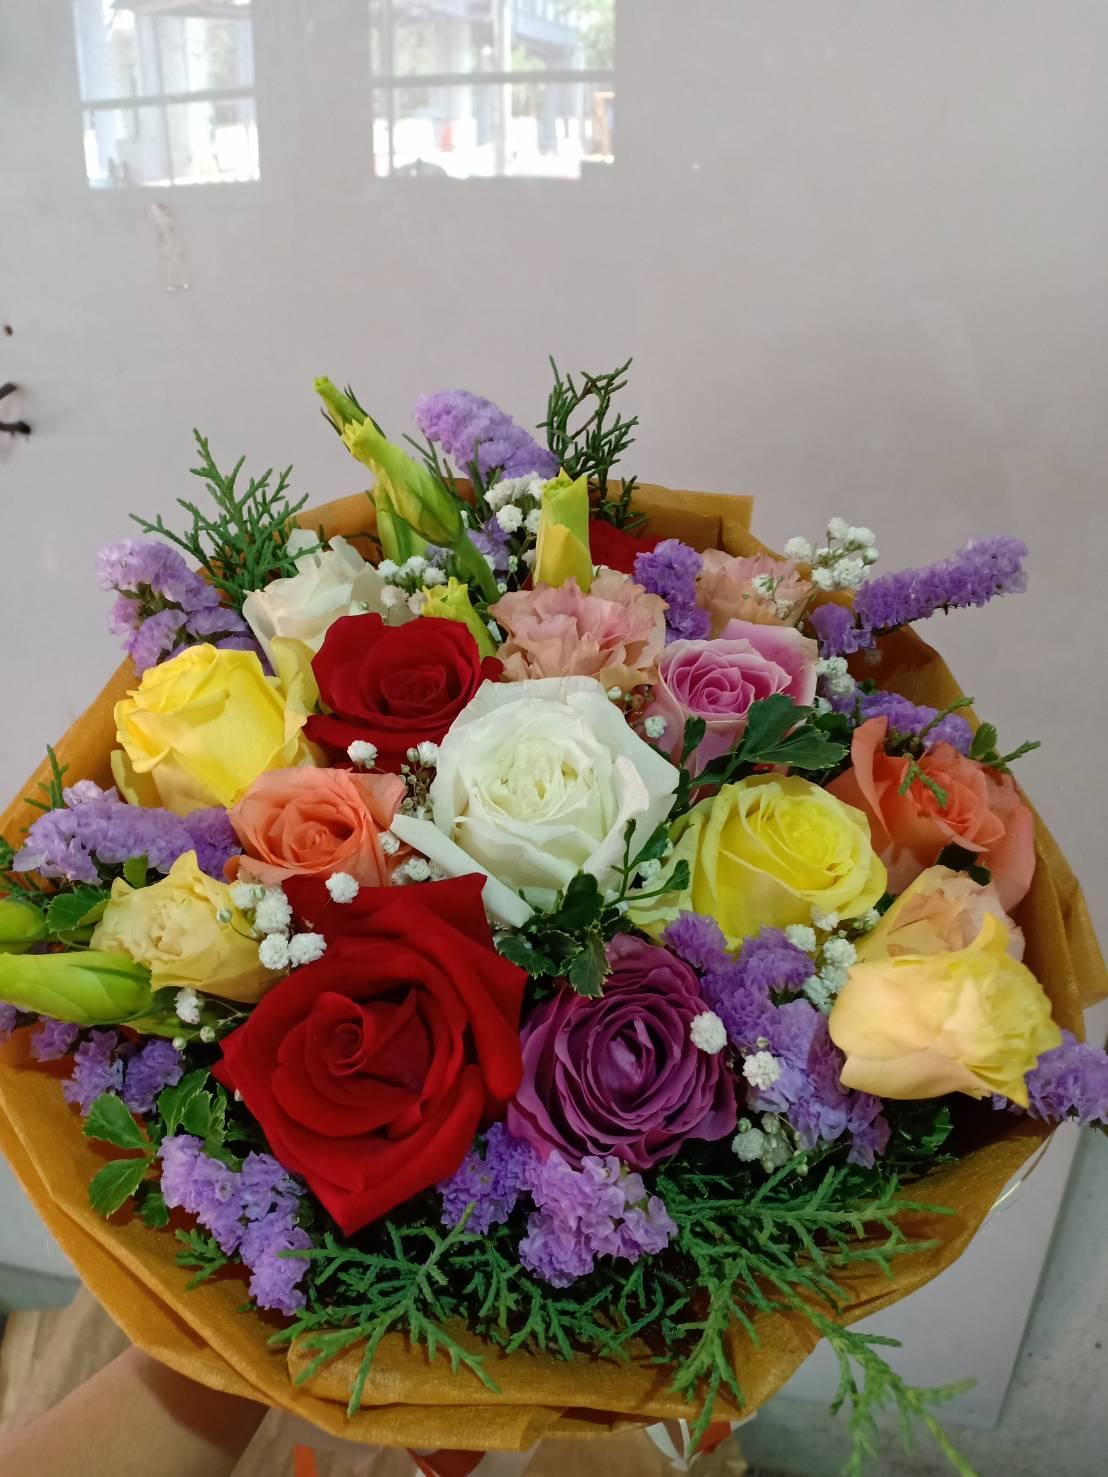 ช่อดอกไม้ทรงกลมประกอบด้วยดอกไม้หลากสีสันนานาพันธุ์ จัดตกแต่งอย่างสวยงาม